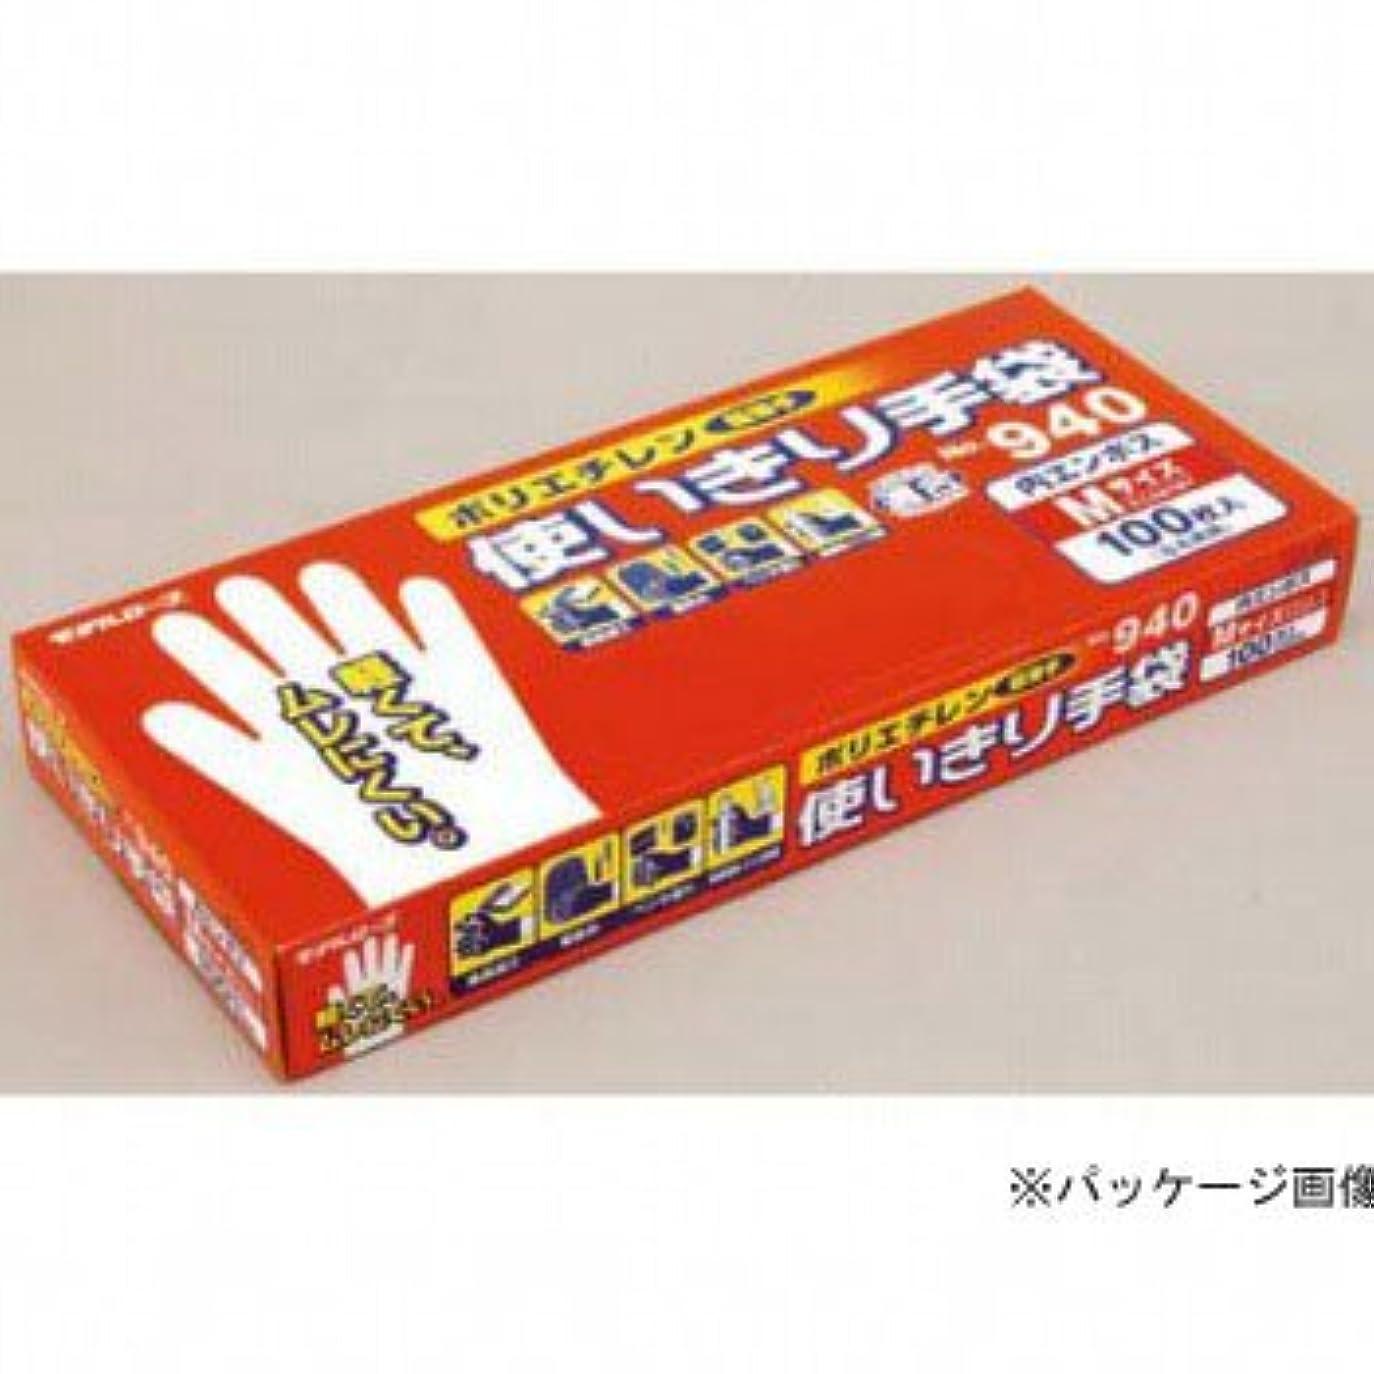 エステー/ポリエチレン使いきり手袋 箱入 (内エンボス) [100枚入]/品番:940 サイズ:M カラー:半透明